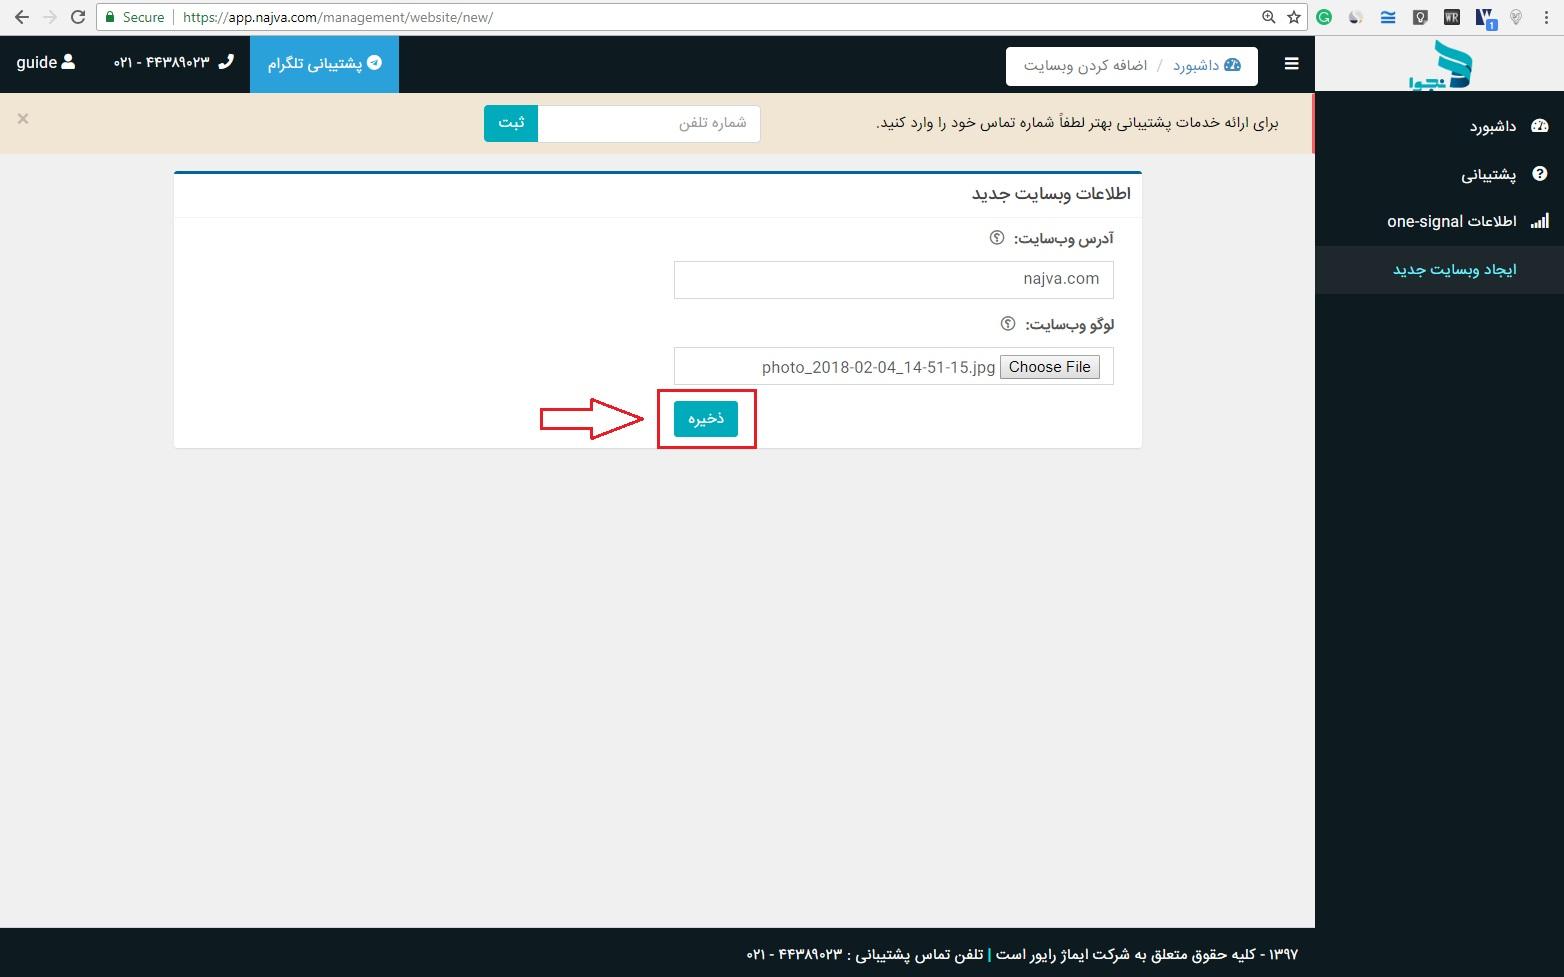 ذخیره کردن اطلاعات وب سایت